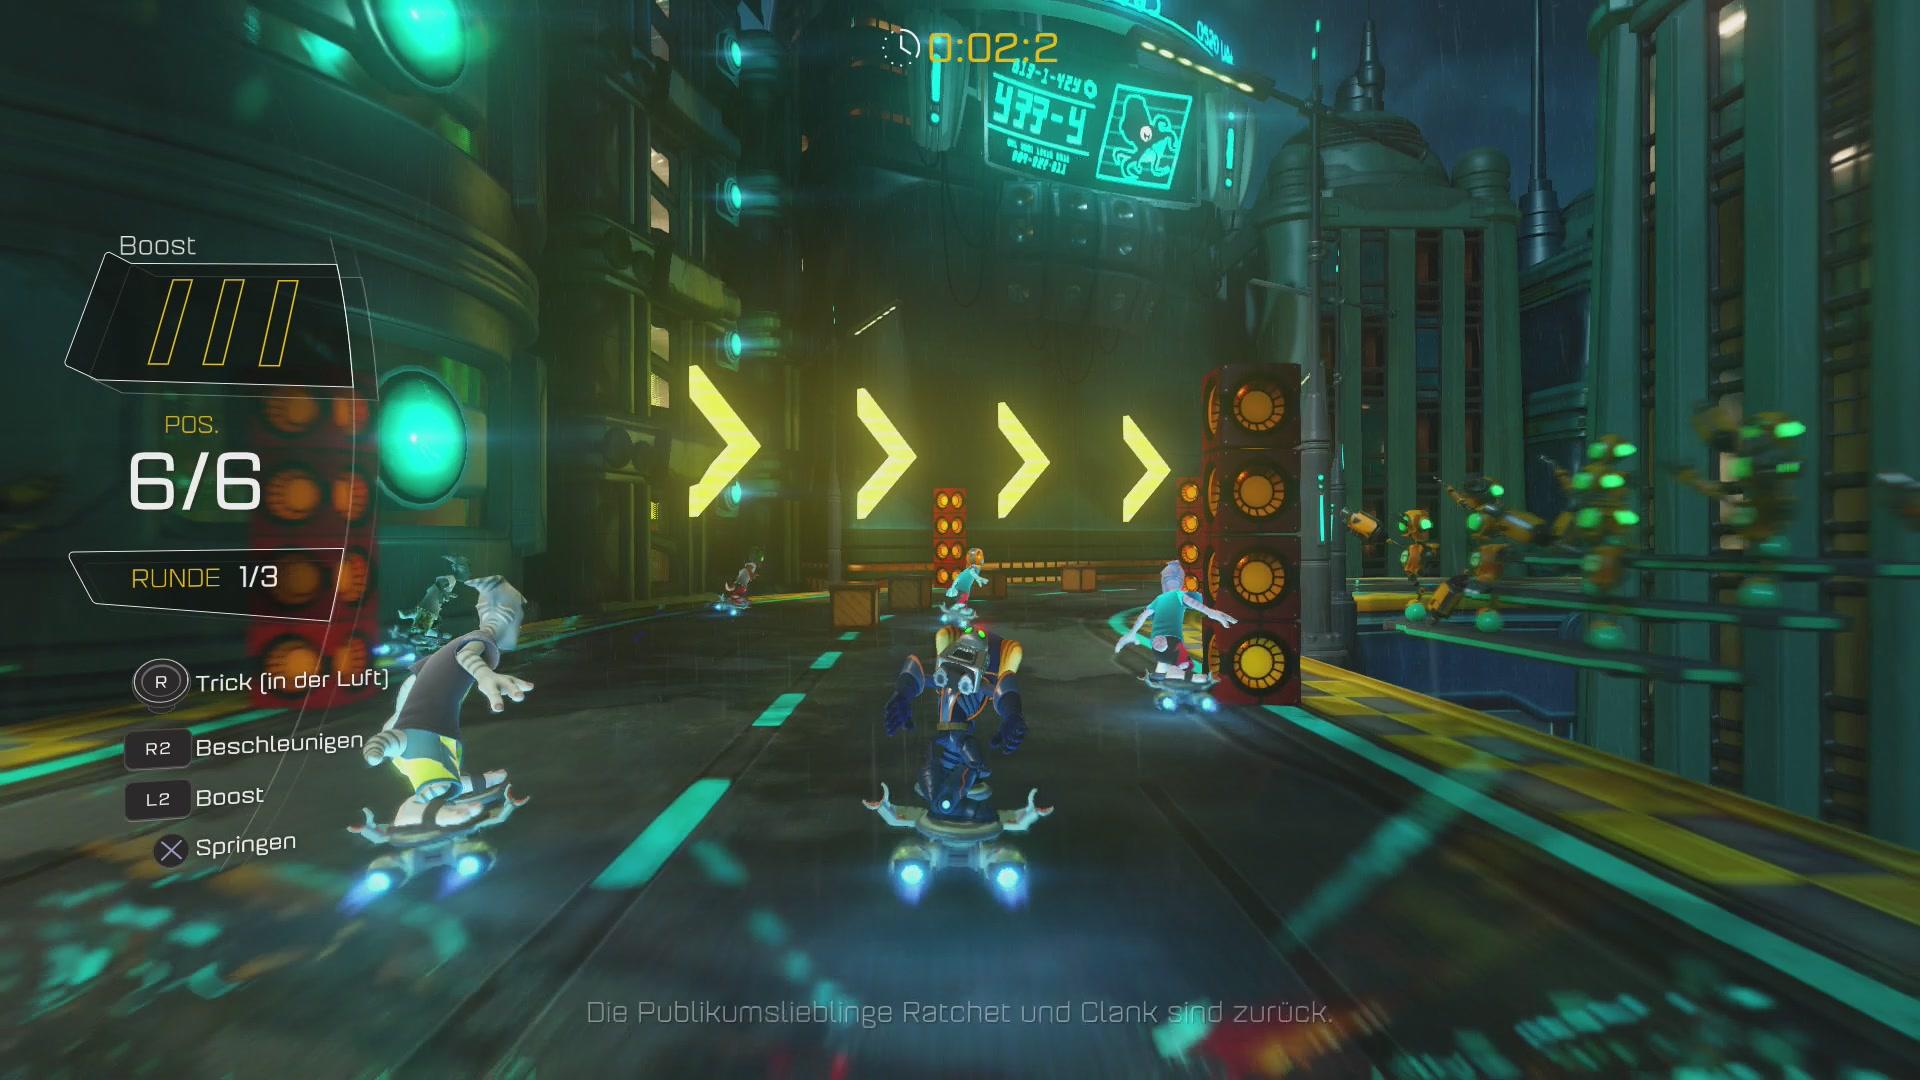 Ratchet Clank Im Test Ein Must Have Für Jumpnrun Nostalgiker Giga